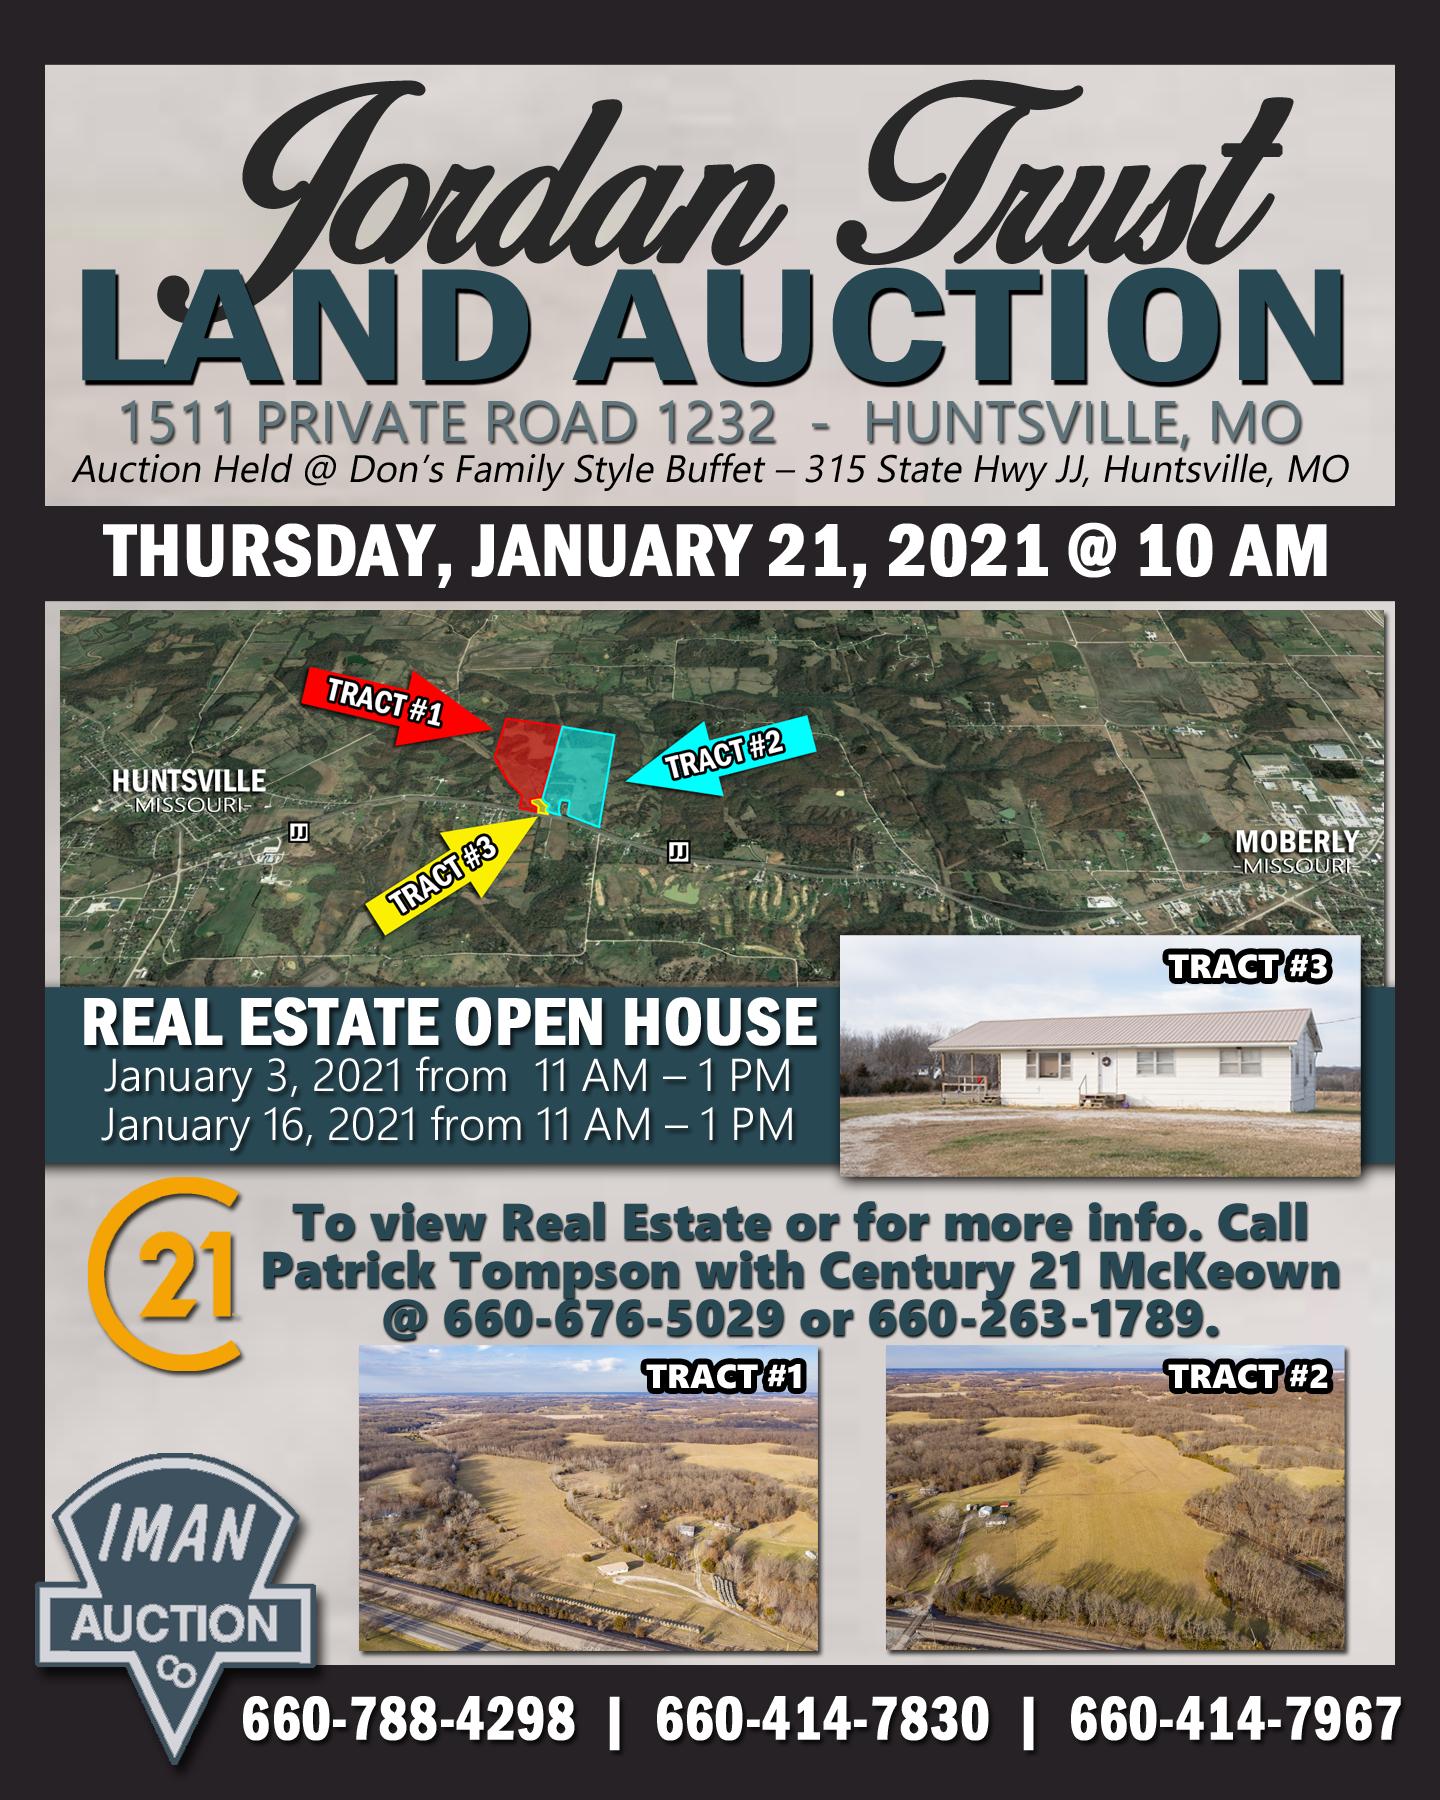 JORDAN TRUST LAND AUCTION